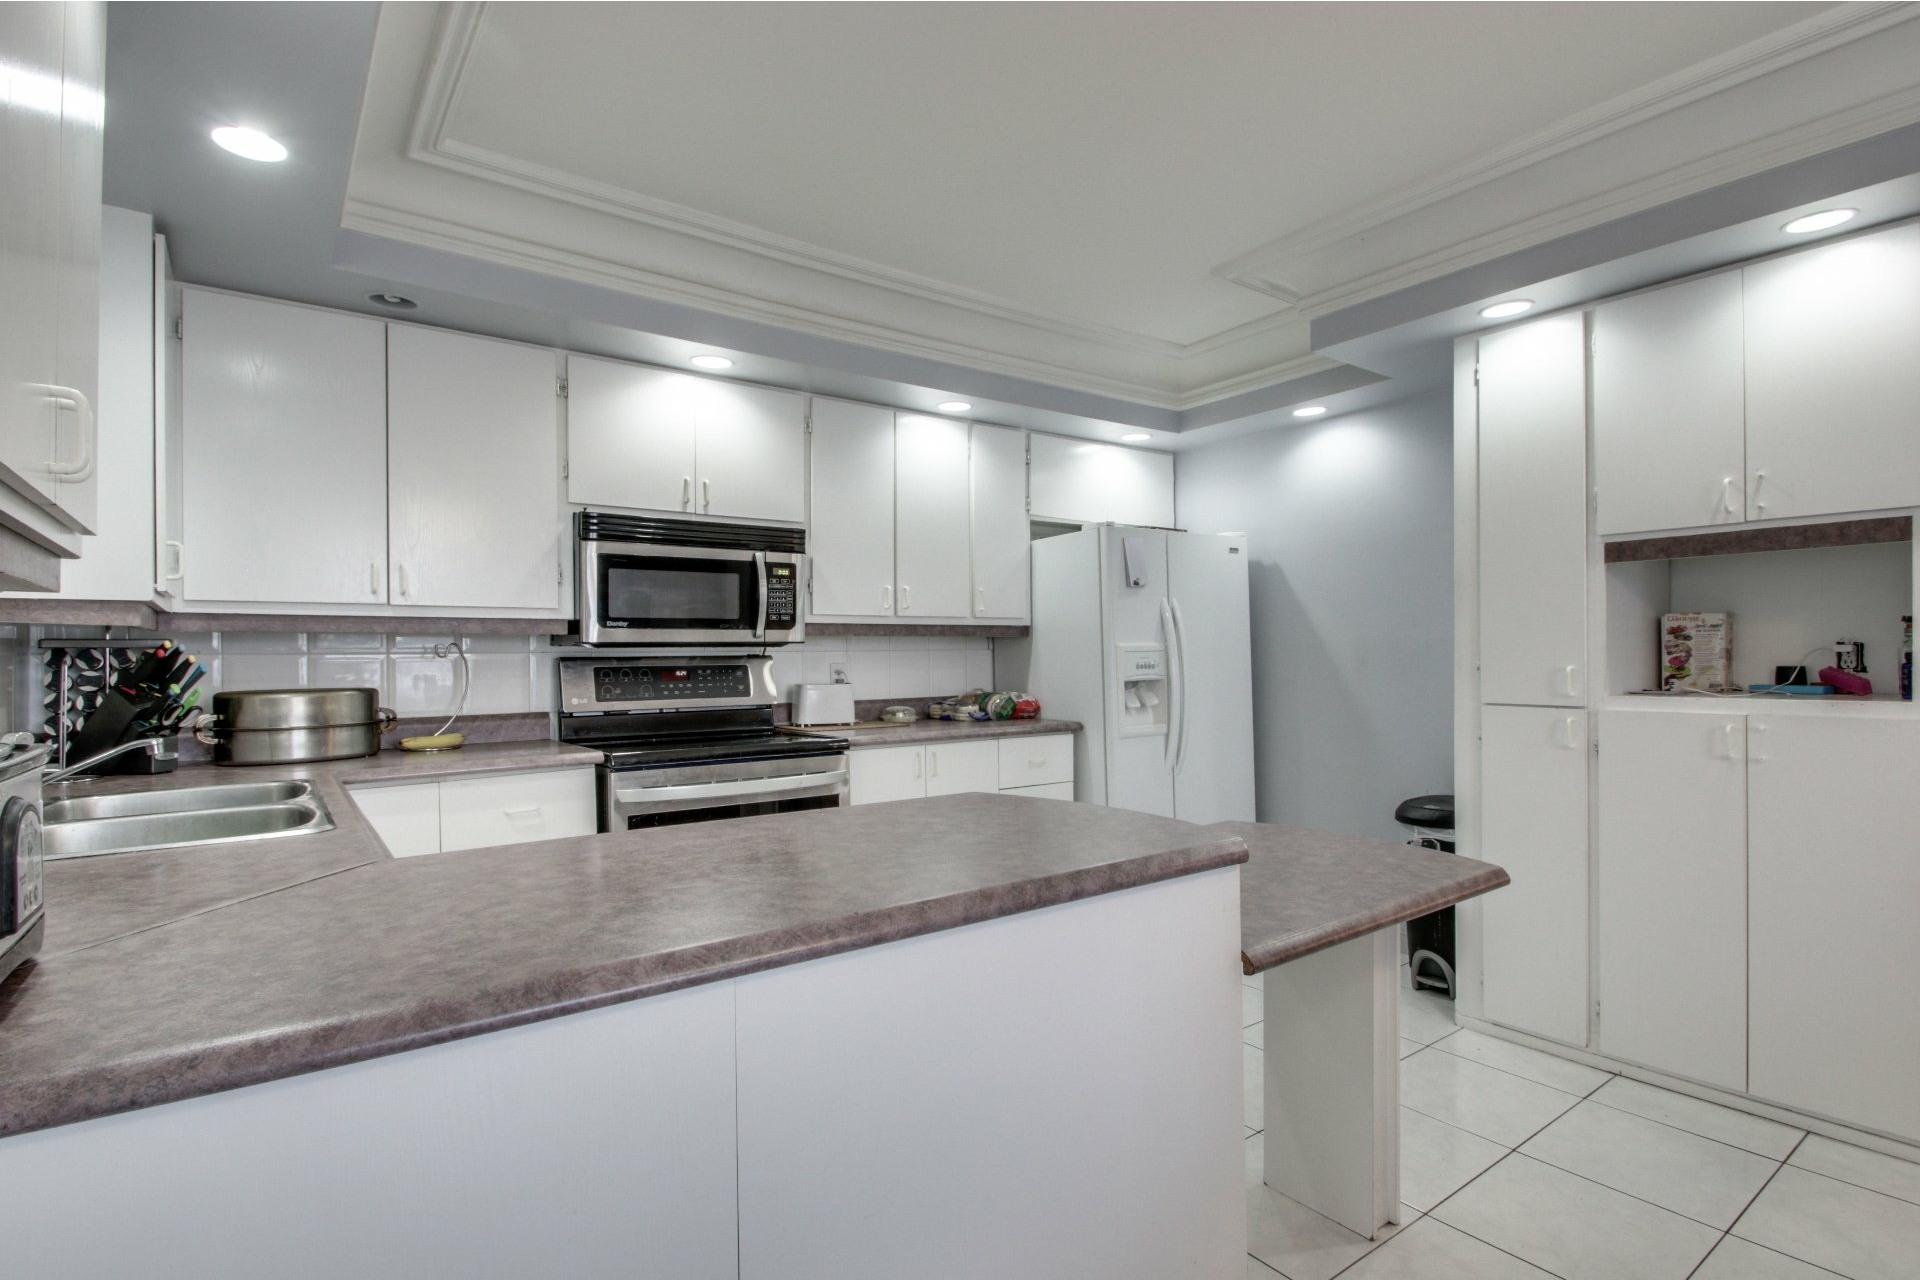 image 37 - Duplex À vendre Trois-Rivières - 6 pièces